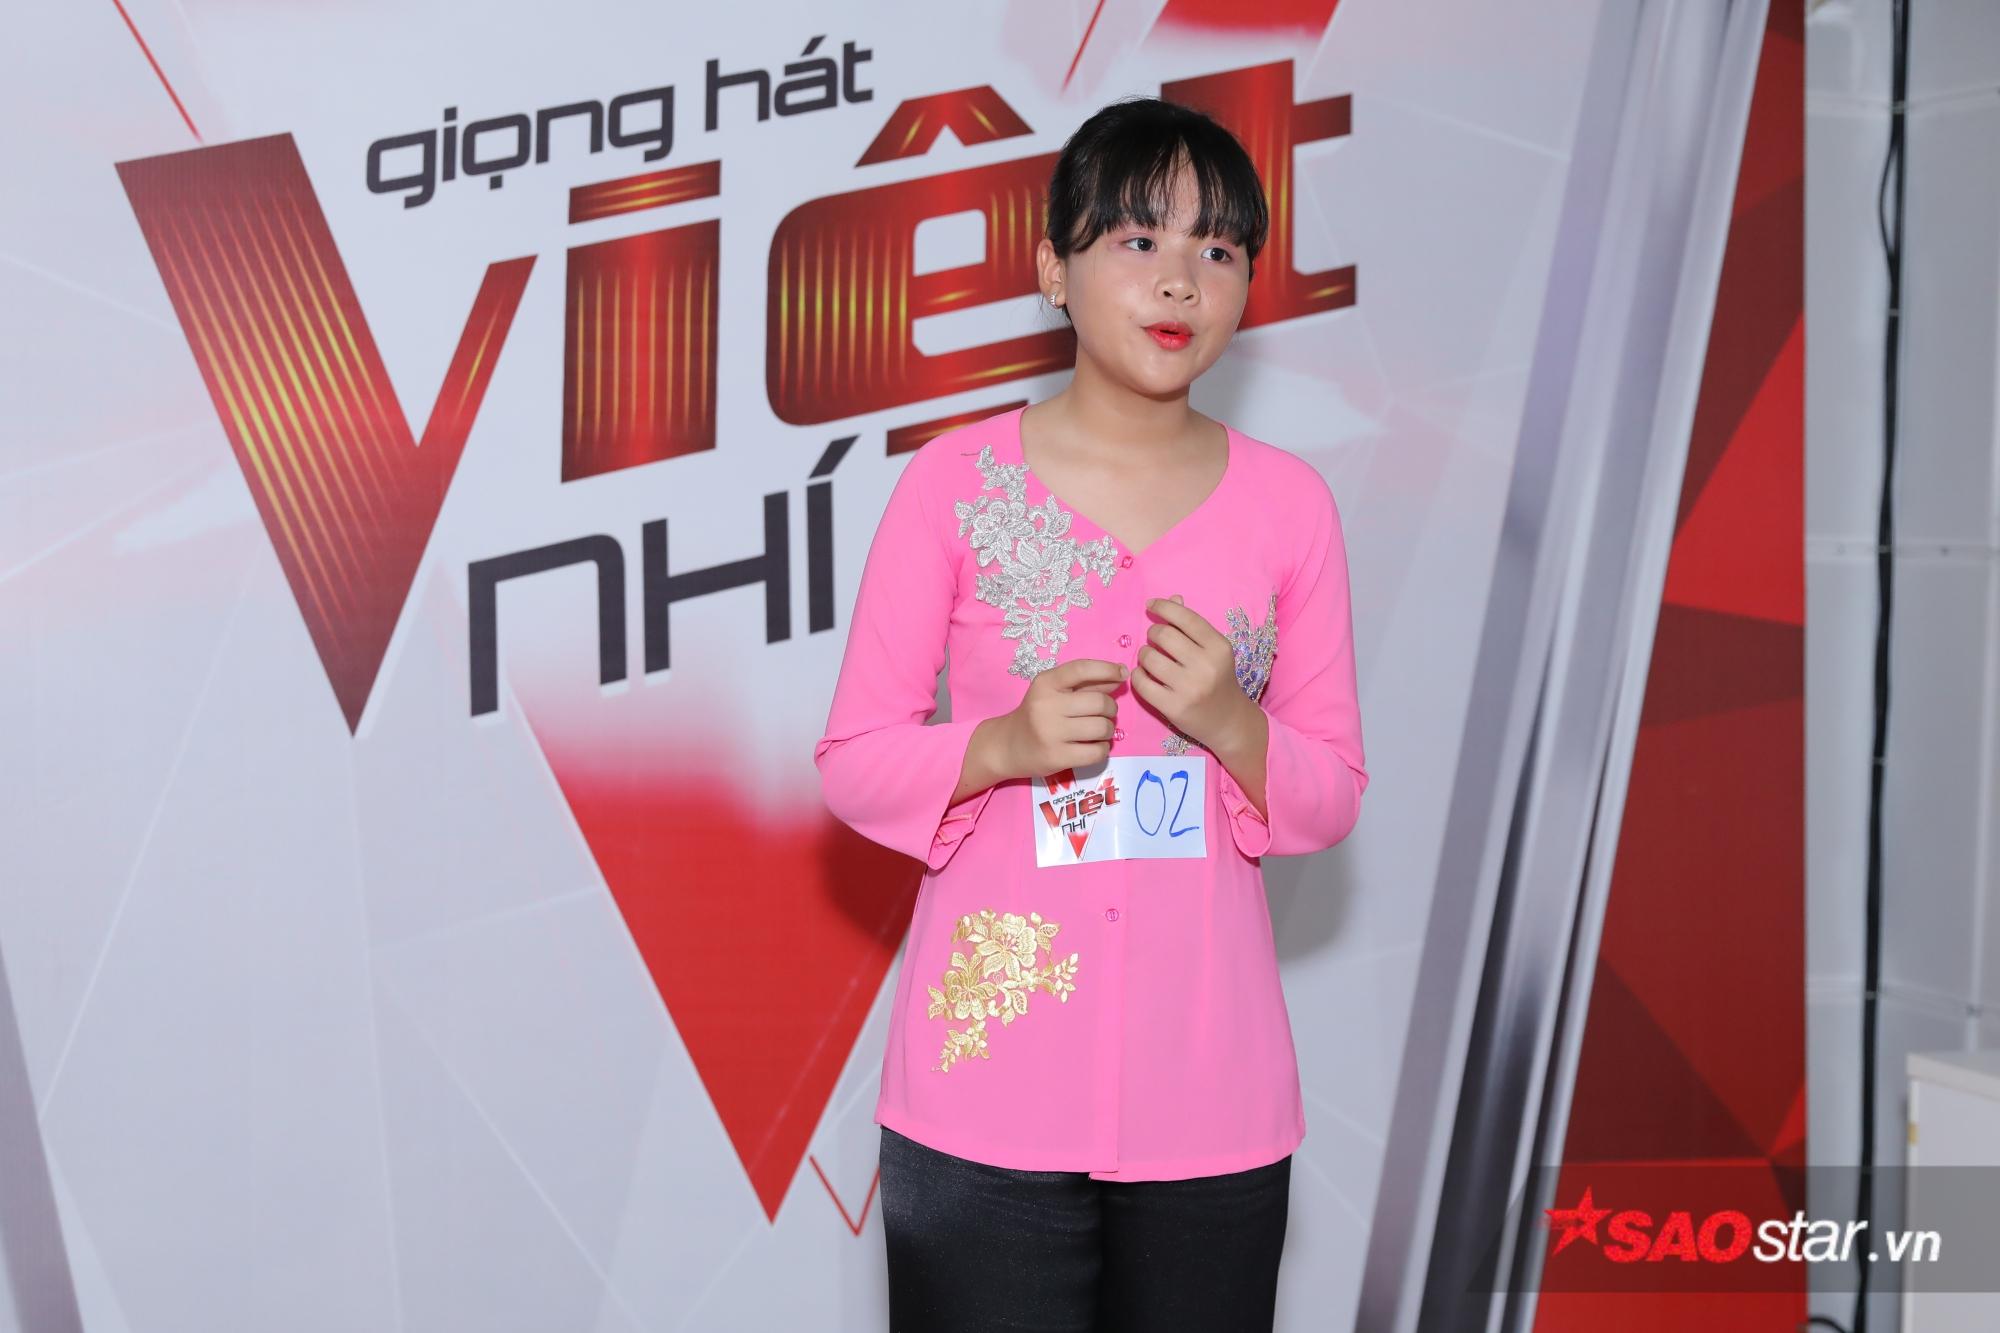 The Voice Kids 2018 sôi động ngày đầu casting tại TP.HCM